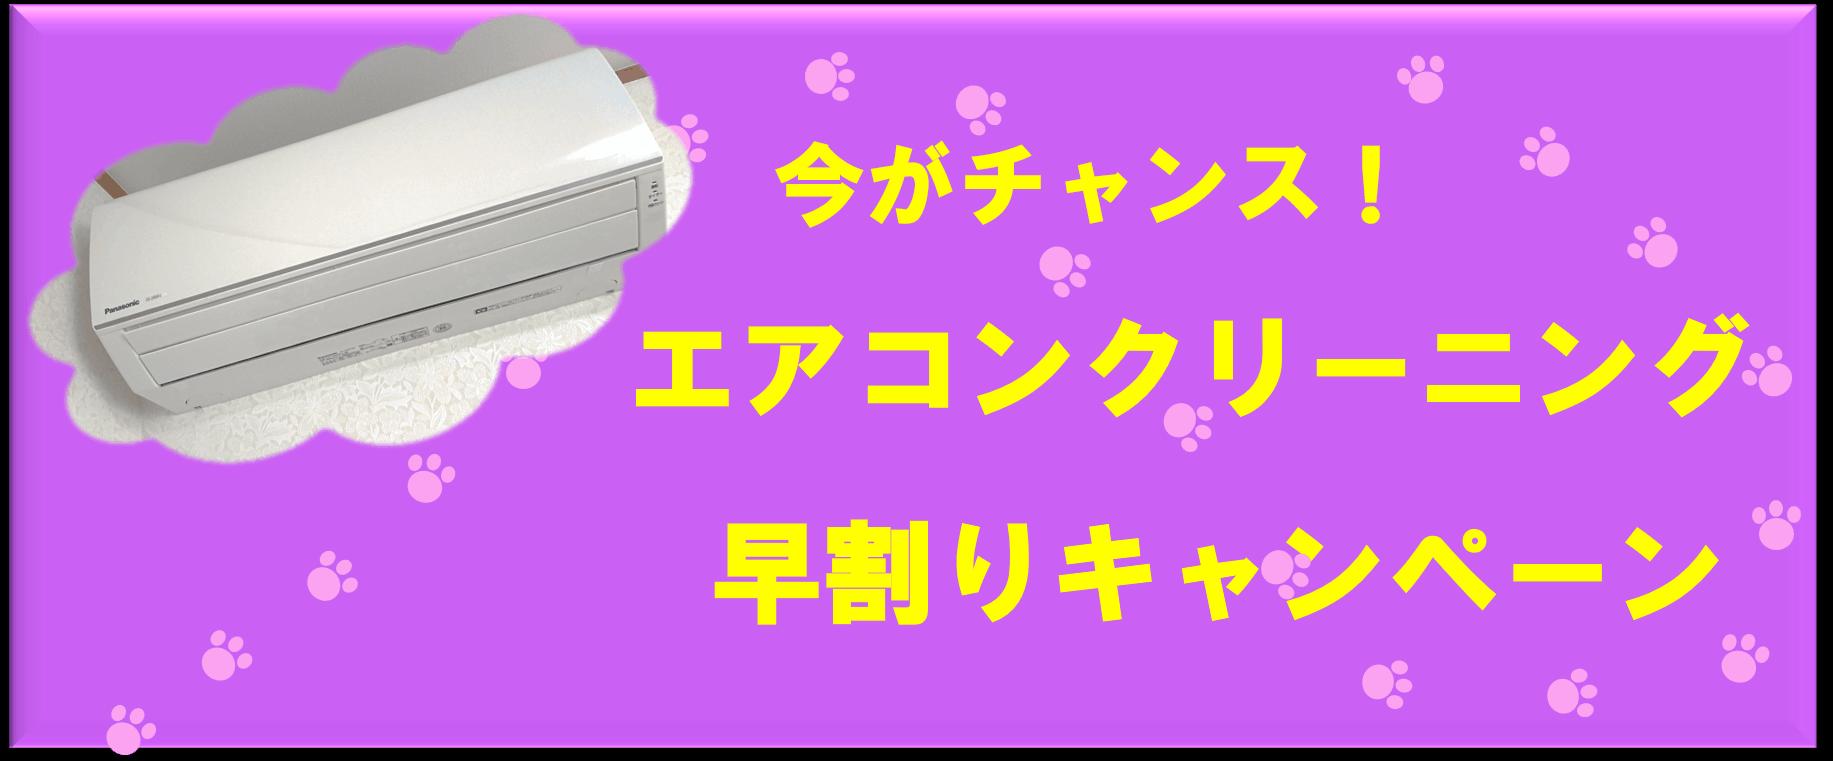 エアコンクリーニングバナー